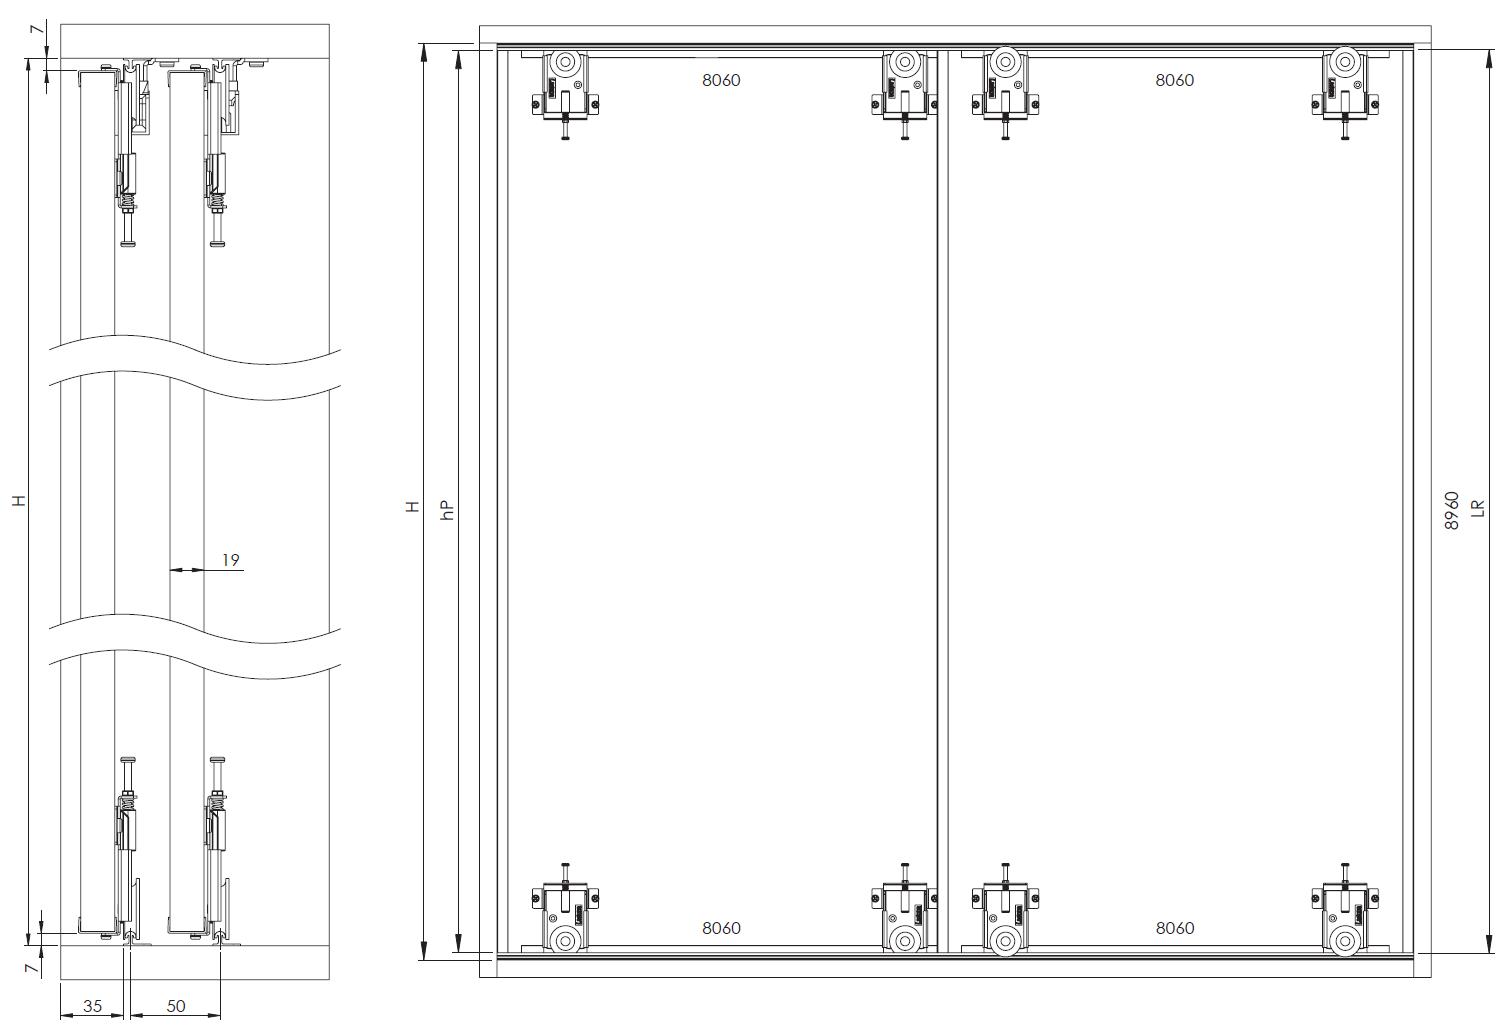 Montageskizze für MSB-Komfort mit Rahmentyp D